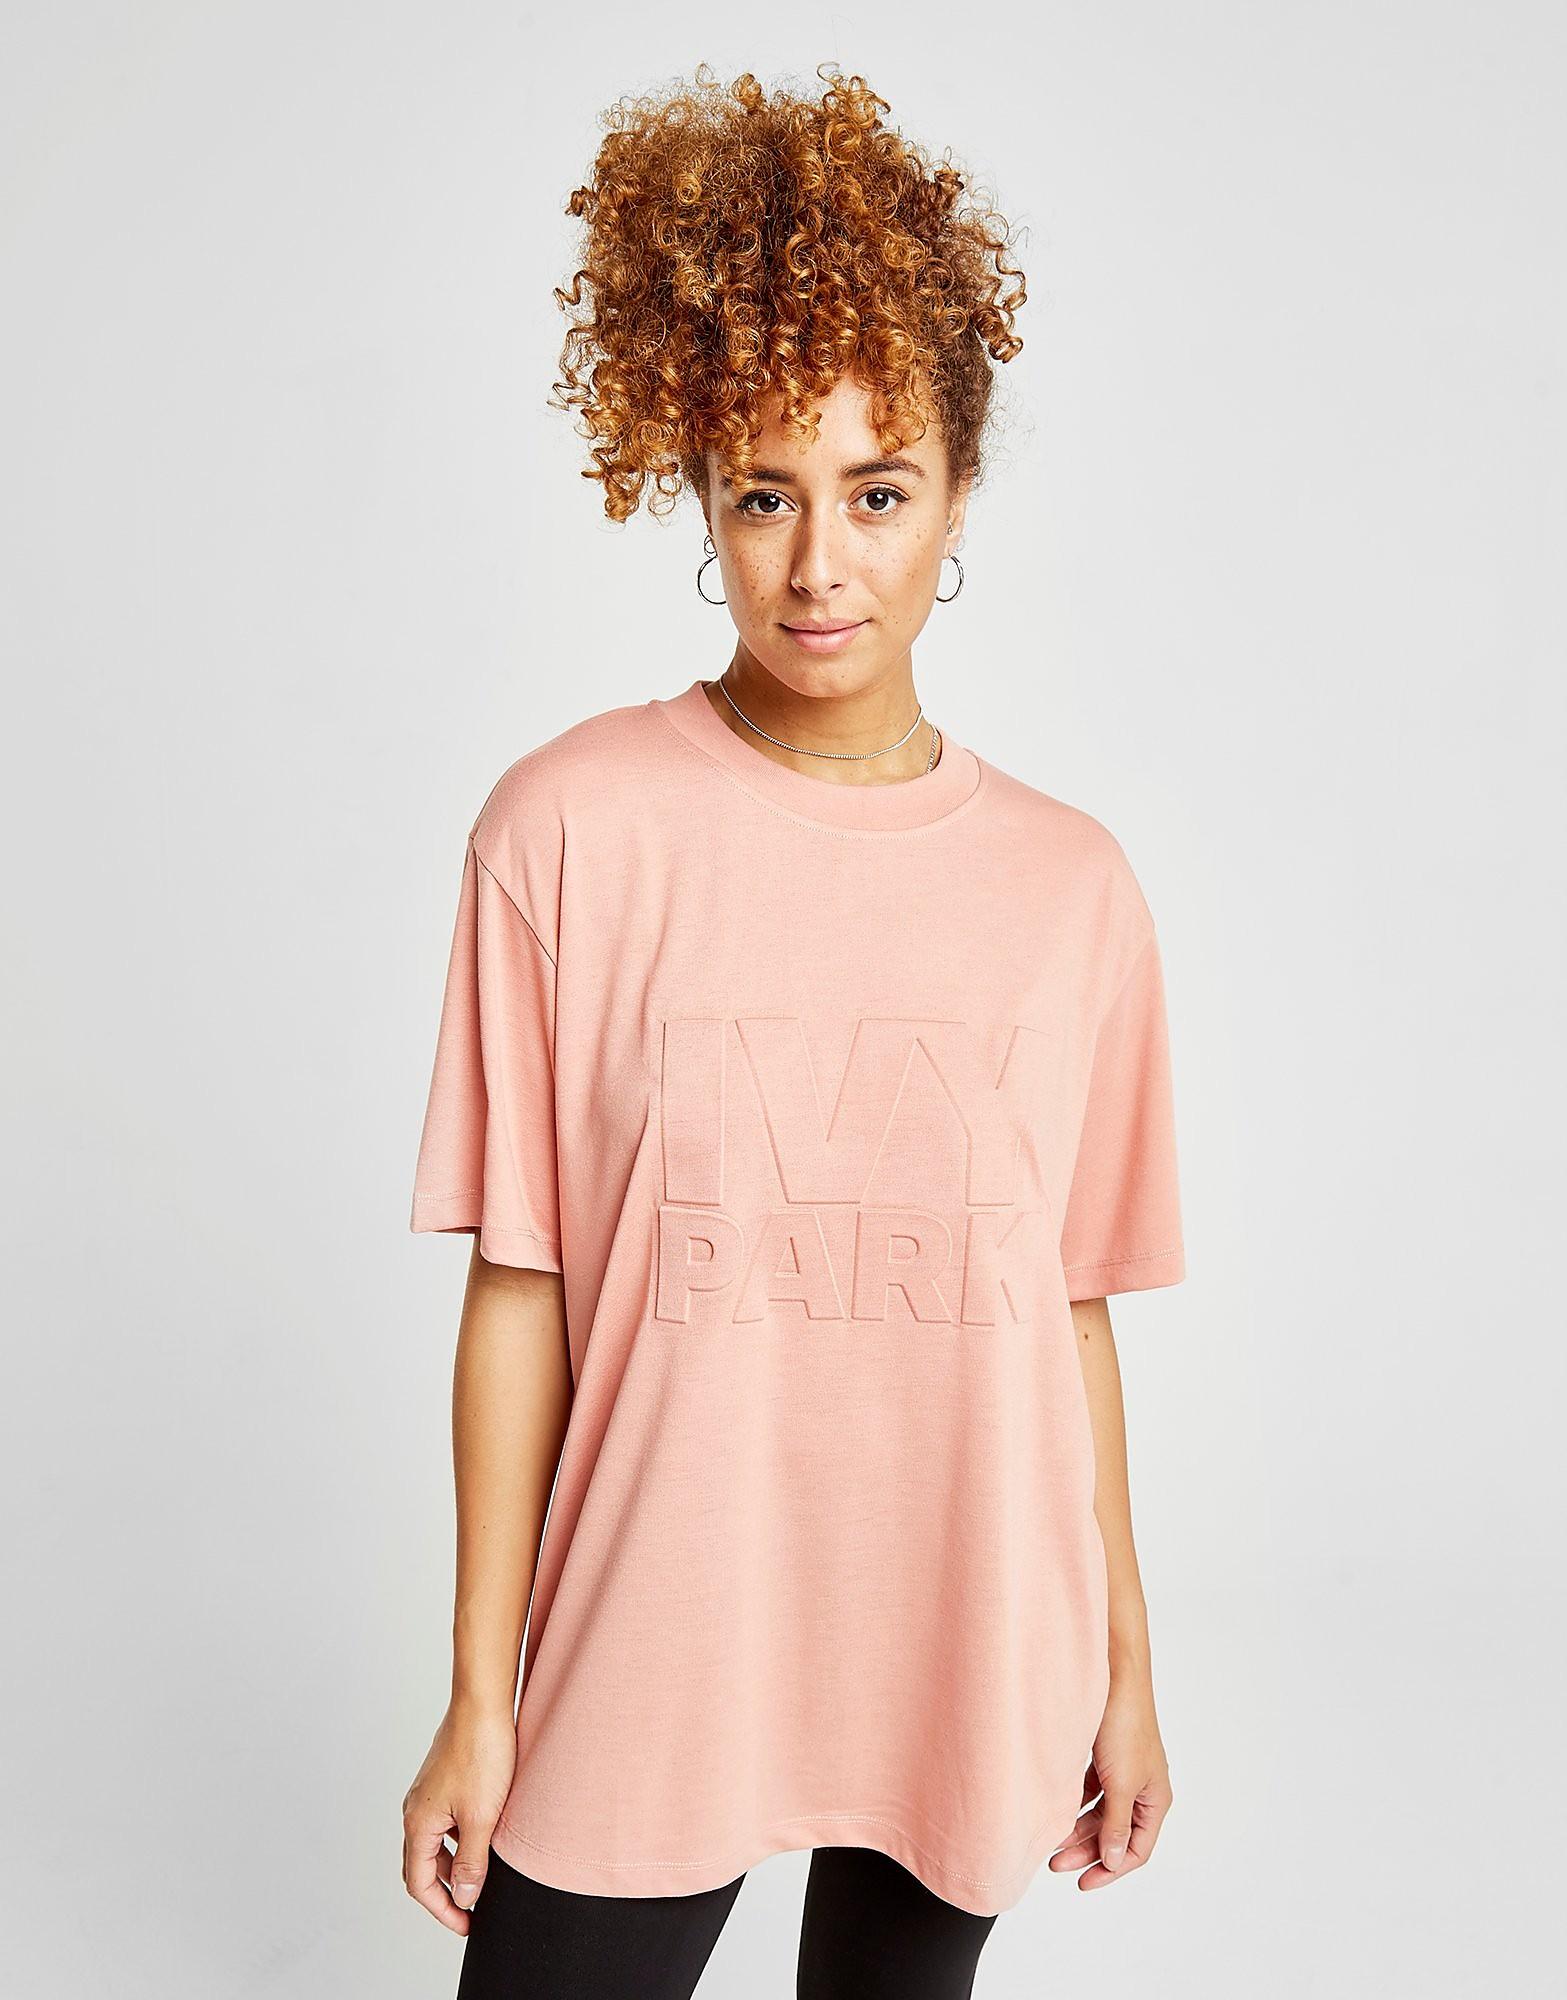 IVY PARK camiseta Boyfriend